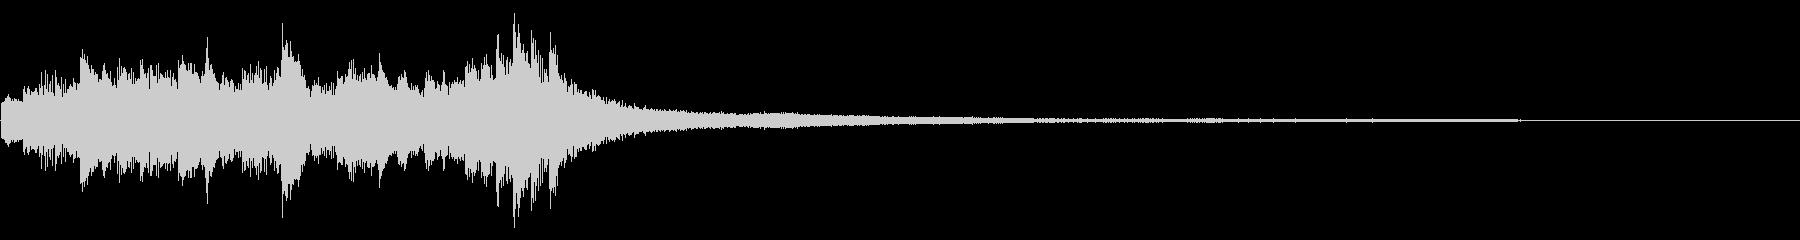 和風のジングル10-ピアノソロの未再生の波形